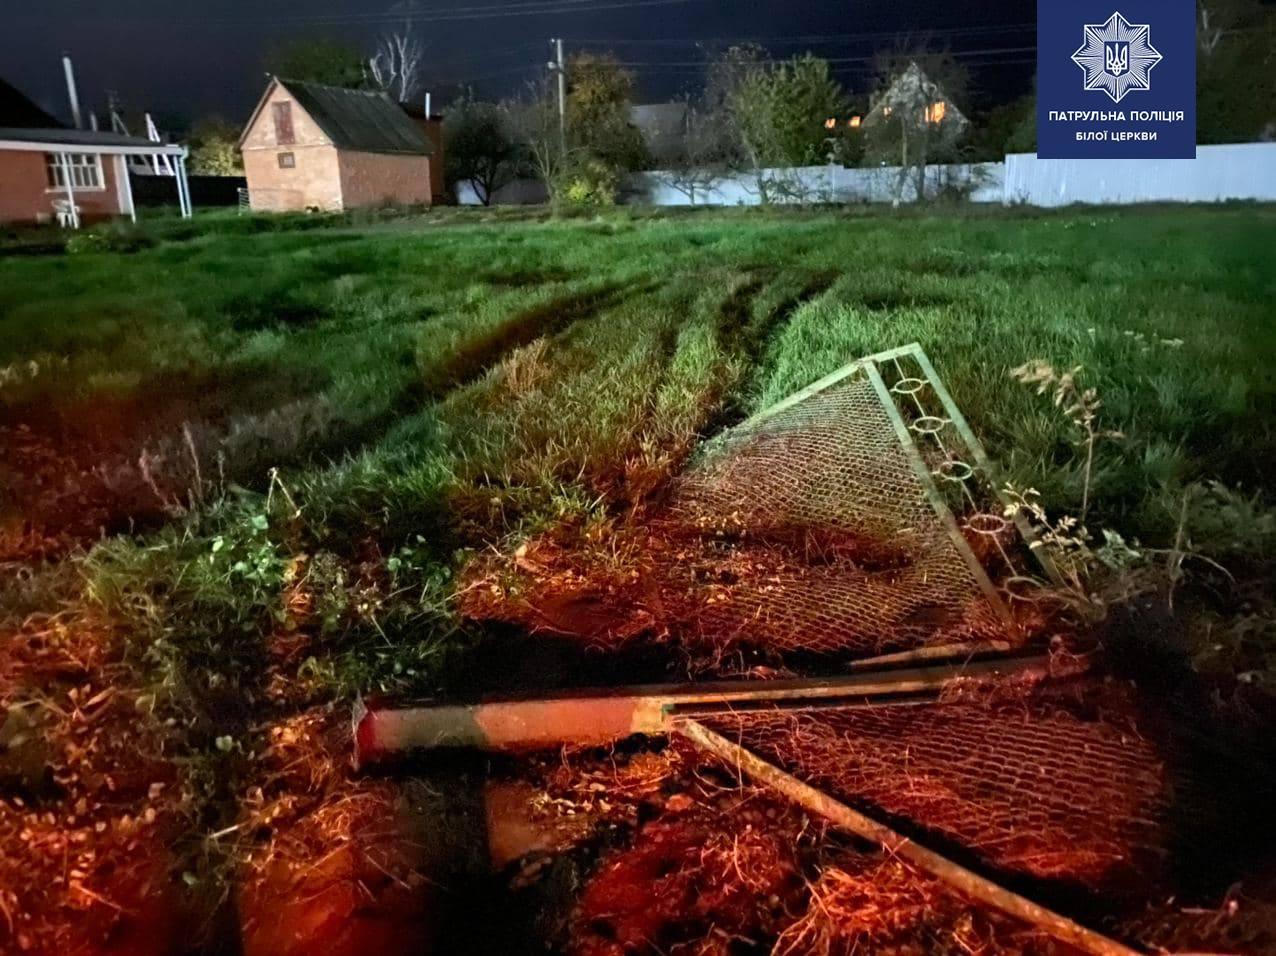 Причетний до наркозлочинів житель Київщини попався завдяки паркану -  - 124680146 1831159453717773 8378399365821165737 o